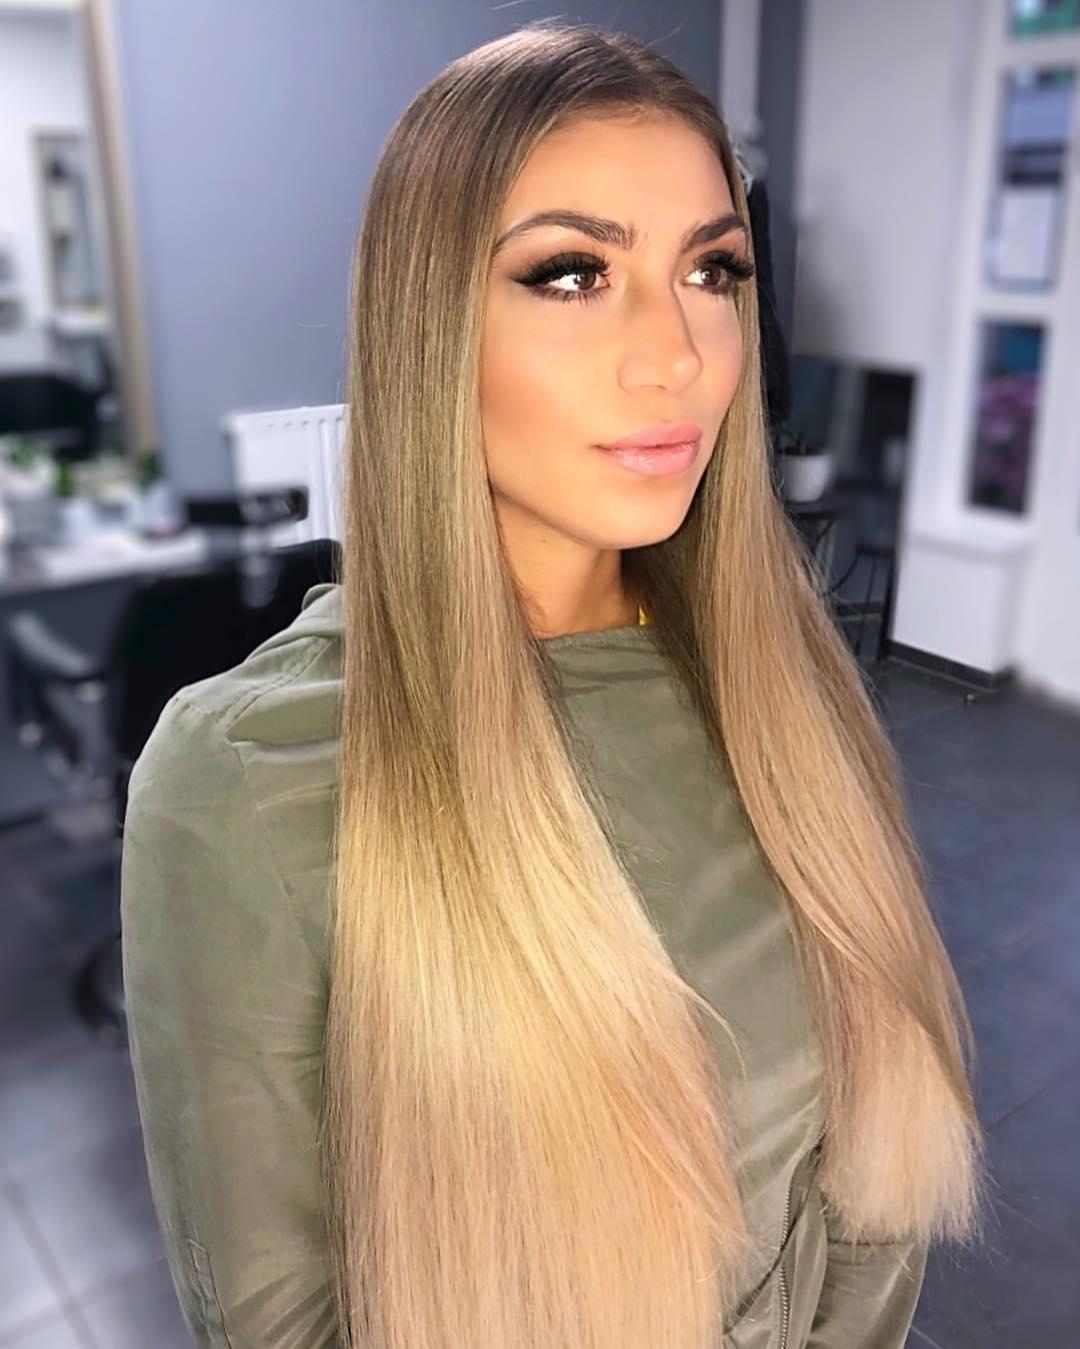 20 Balayage Brown To Blonde Long Hairstyles – Hair Colour With Regard To Blonde Balayage Hairstyles (View 5 of 20)